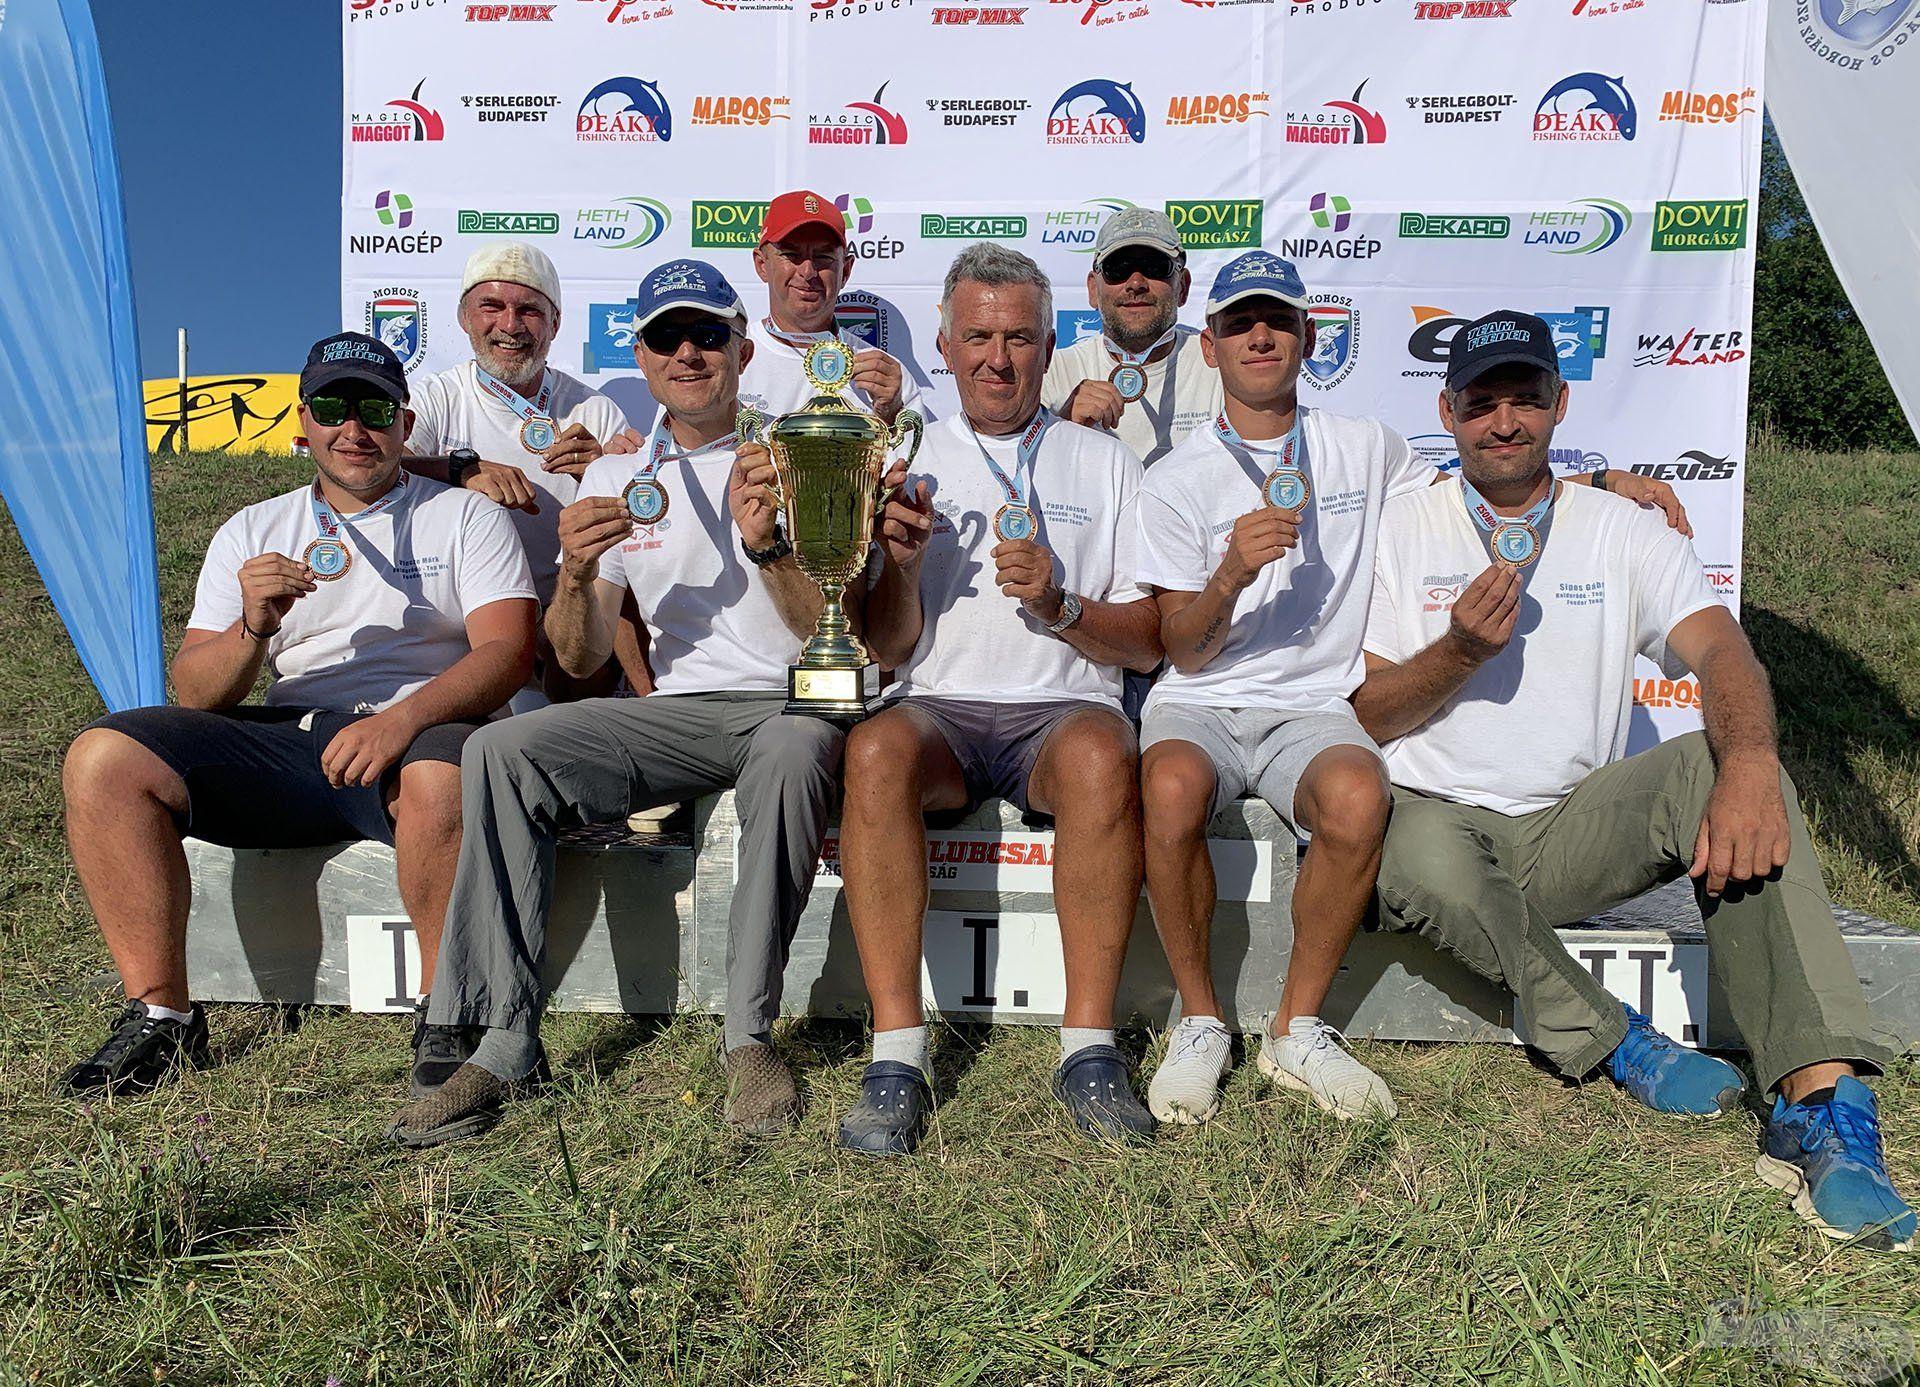 Nagyobb létszámú csapatversenyeken a Top Mix Teammel fuzionálunk, és nem is eredménytelenül. 2018-ban és 2019-ben is bronzérmesek lettünk a Klubcsapatok Magyar Bajnokságán!